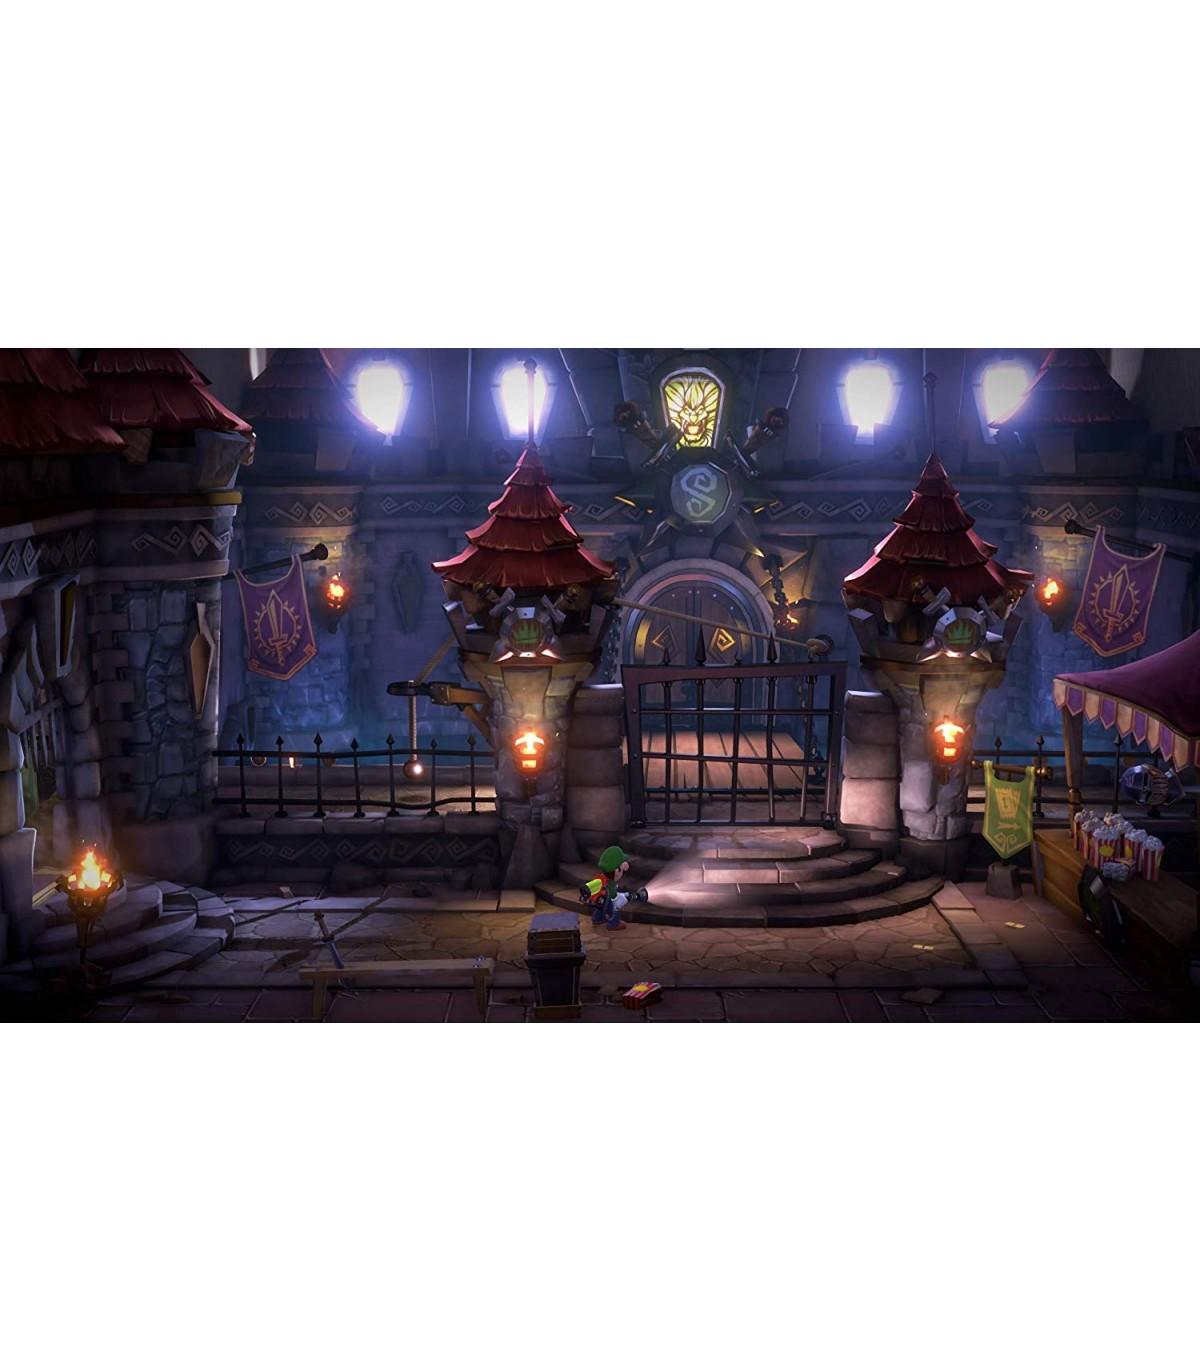 بازی Luigi's Mansion 3 - نینتندو سوئیچ